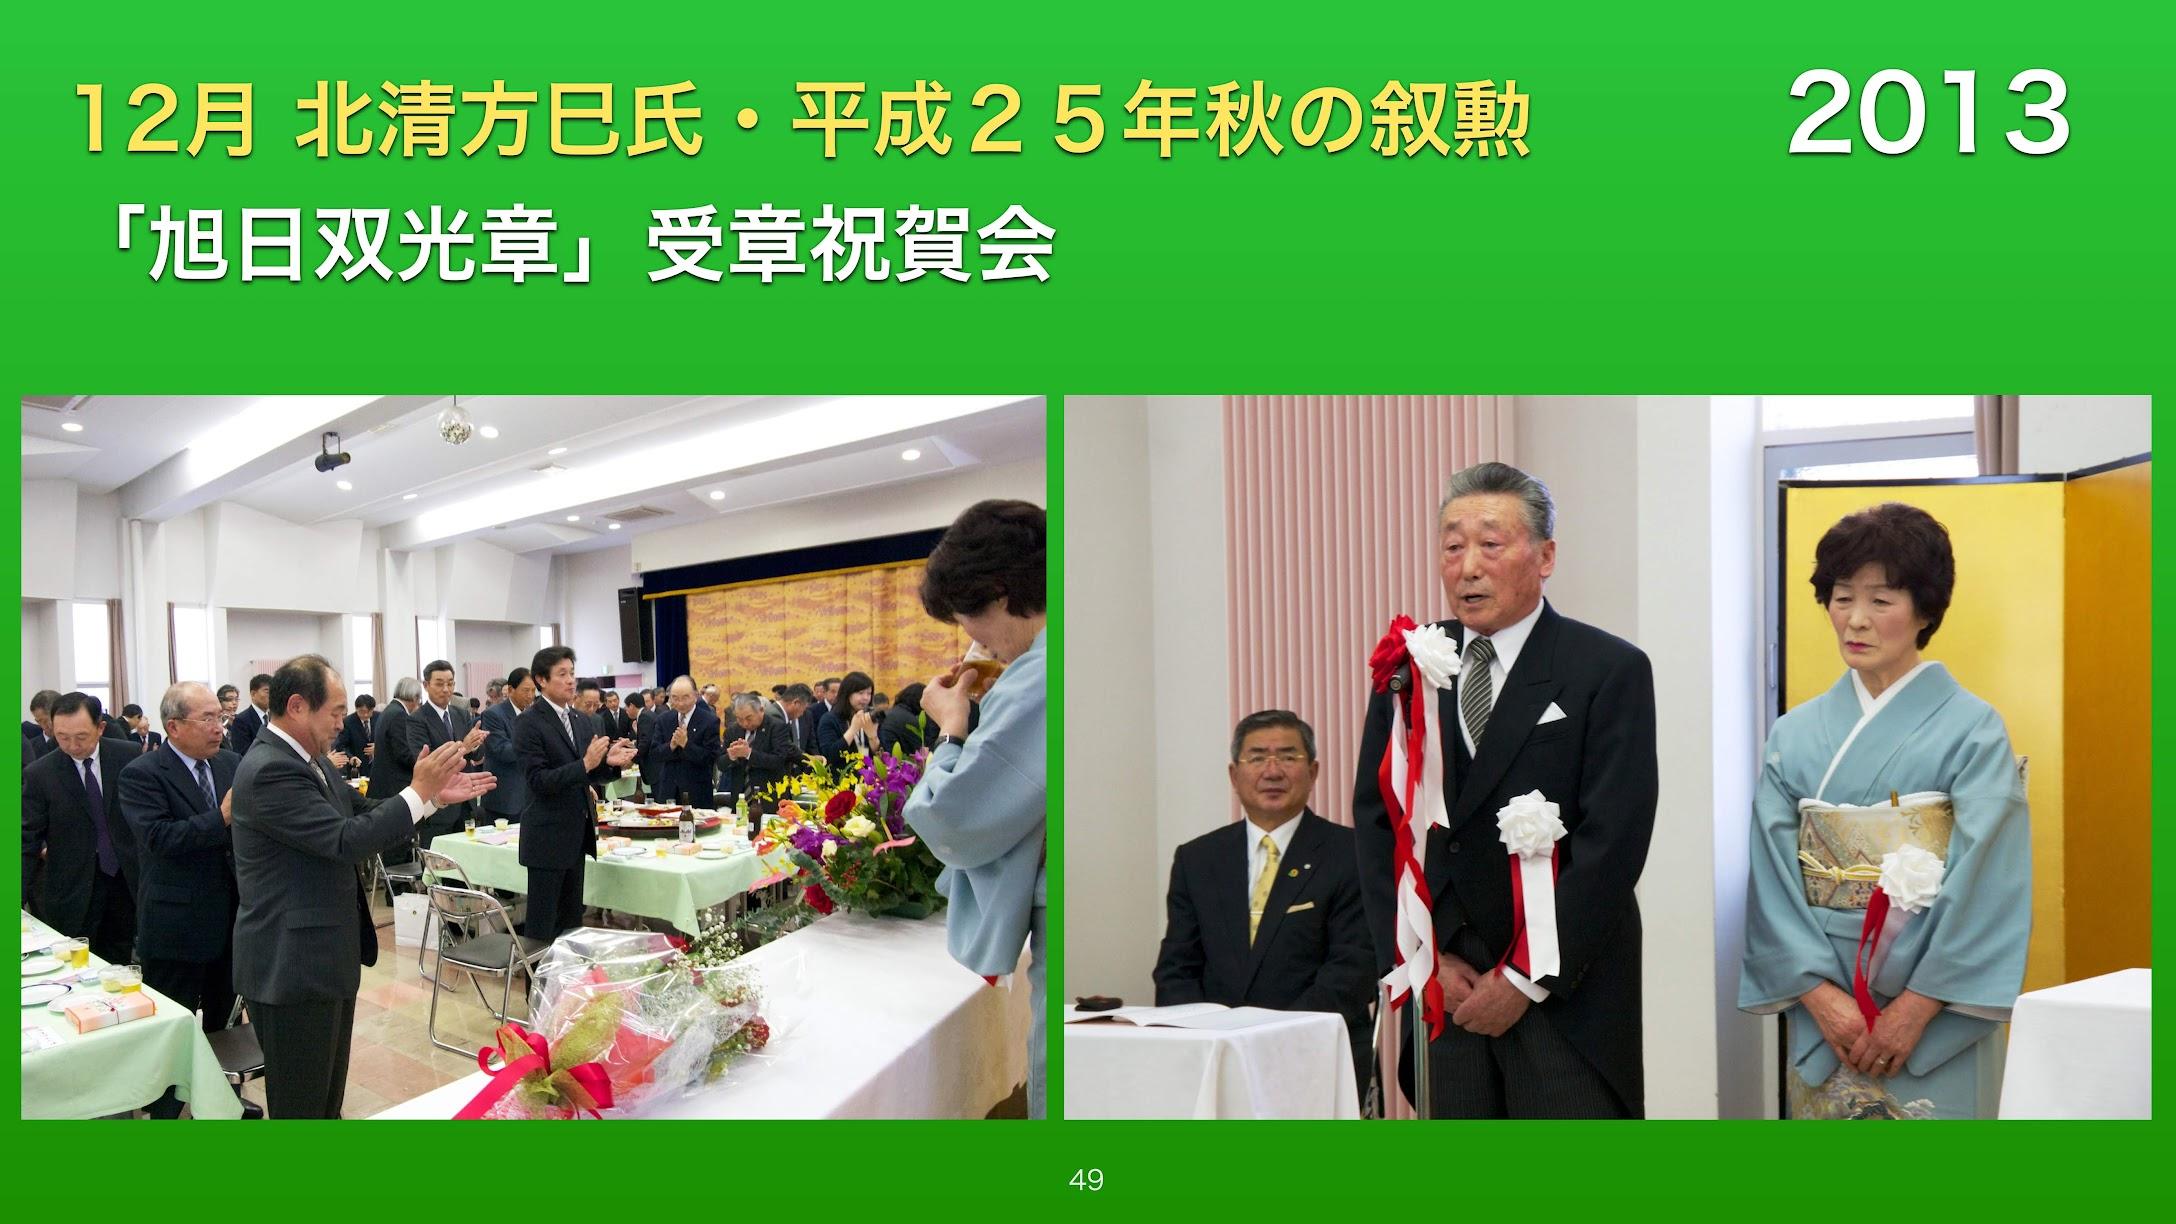 12月:北清方巳氏・平成25年秋の叙勲 「旭日双光章」受章祝賀会